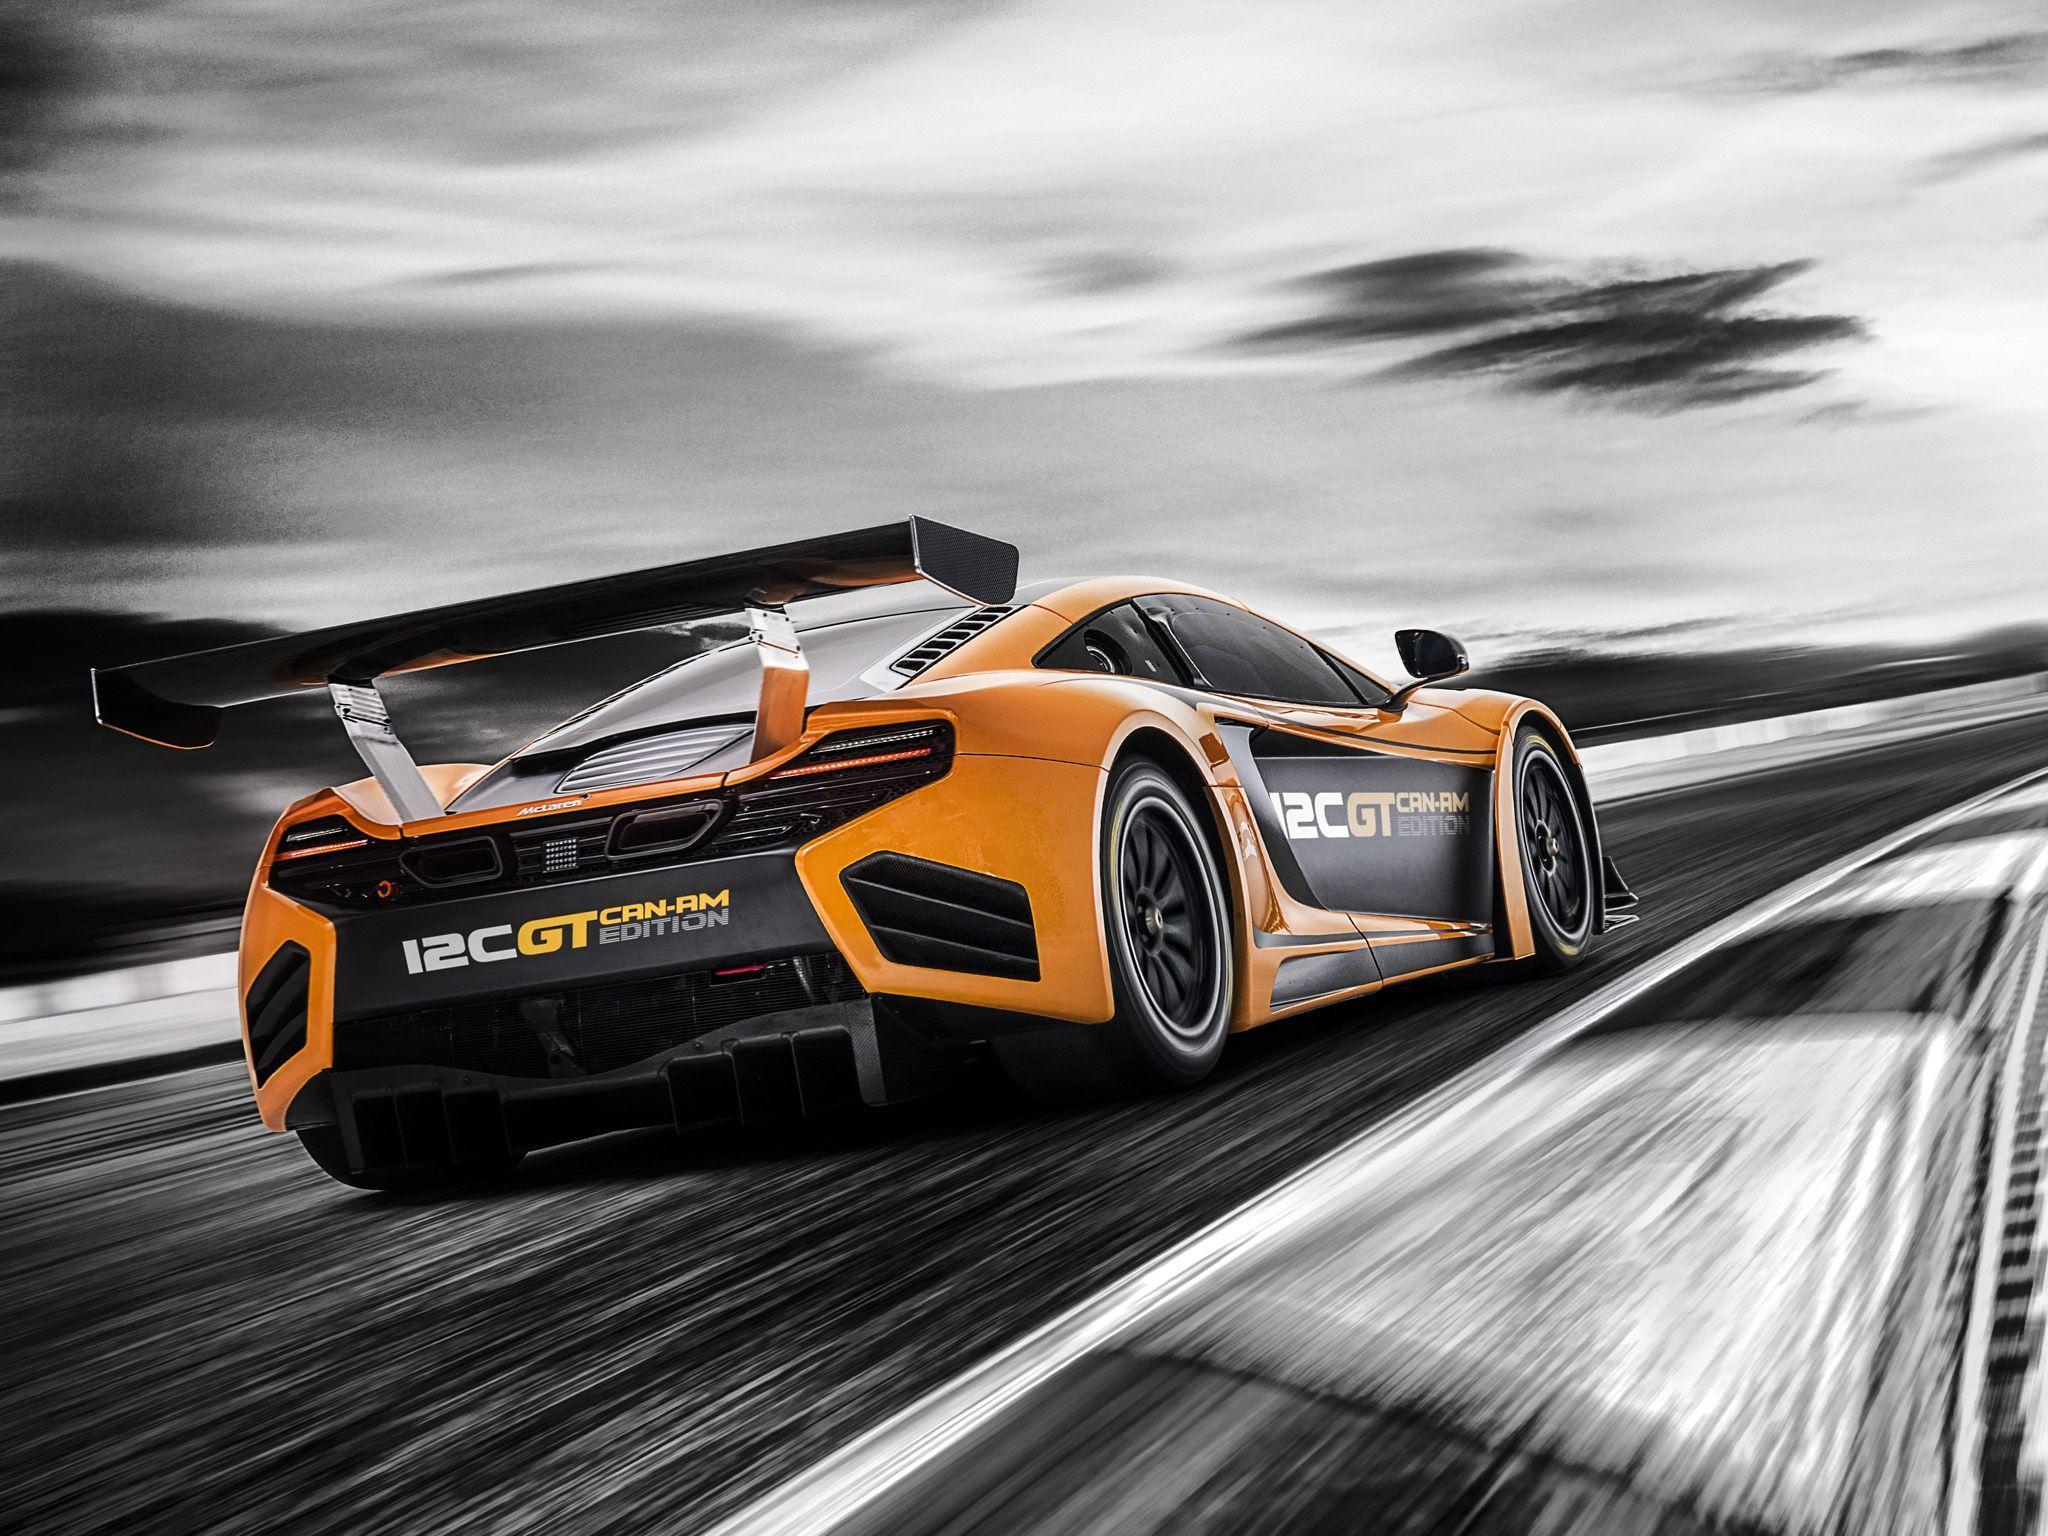 McLaren Racing Limited Wallpapers - Wallpaper Cave